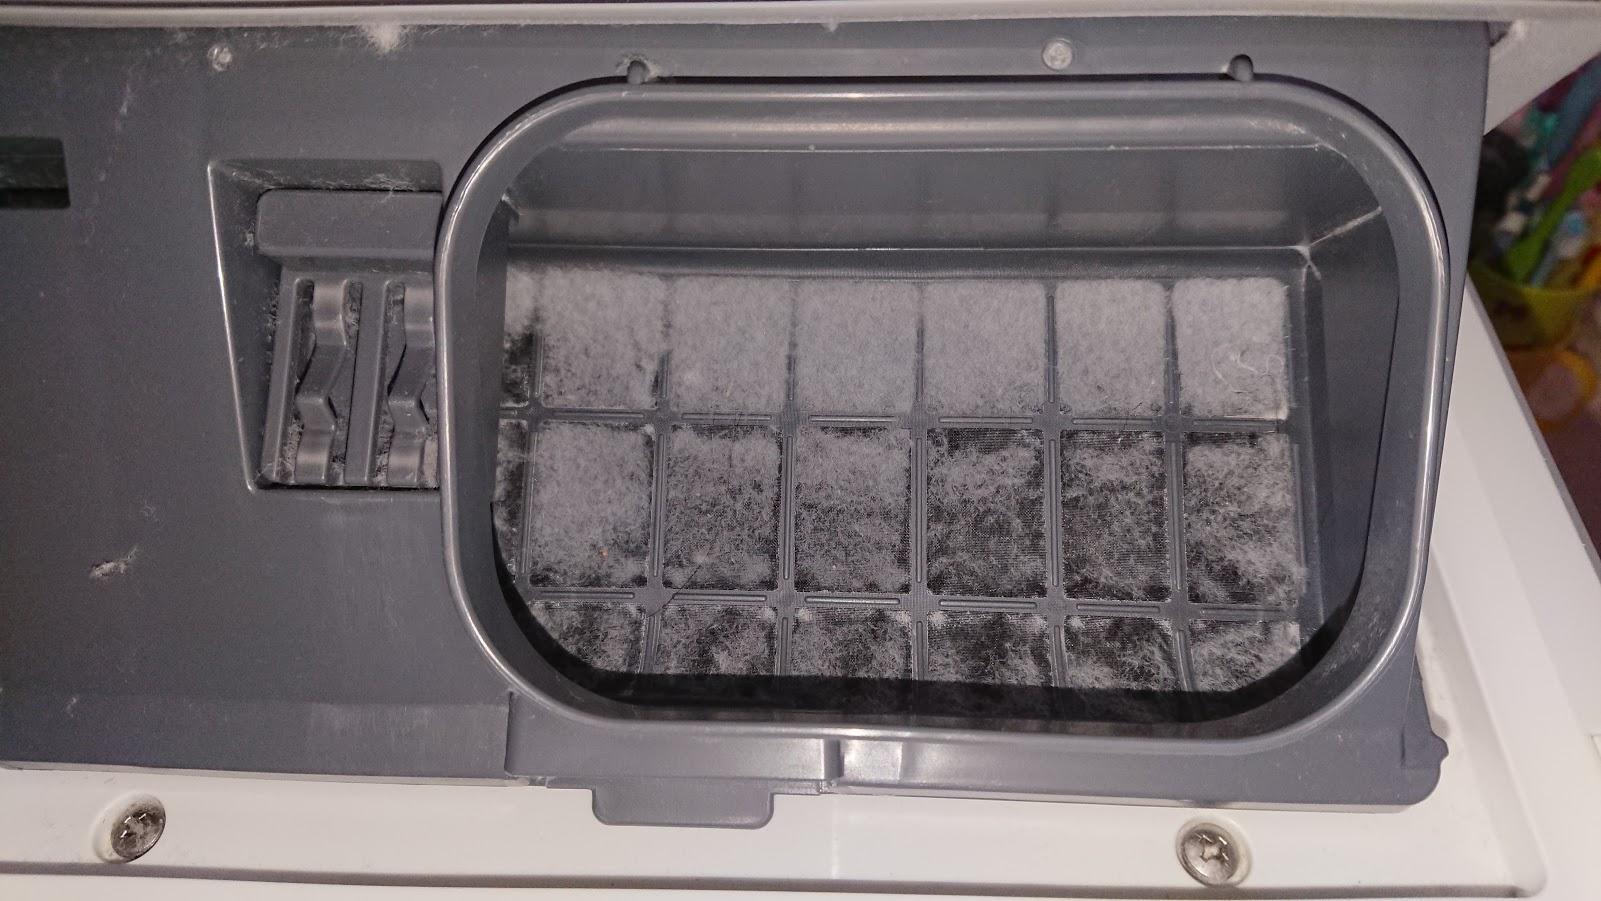 ドラム式洗濯乾燥機のお手入れ-1